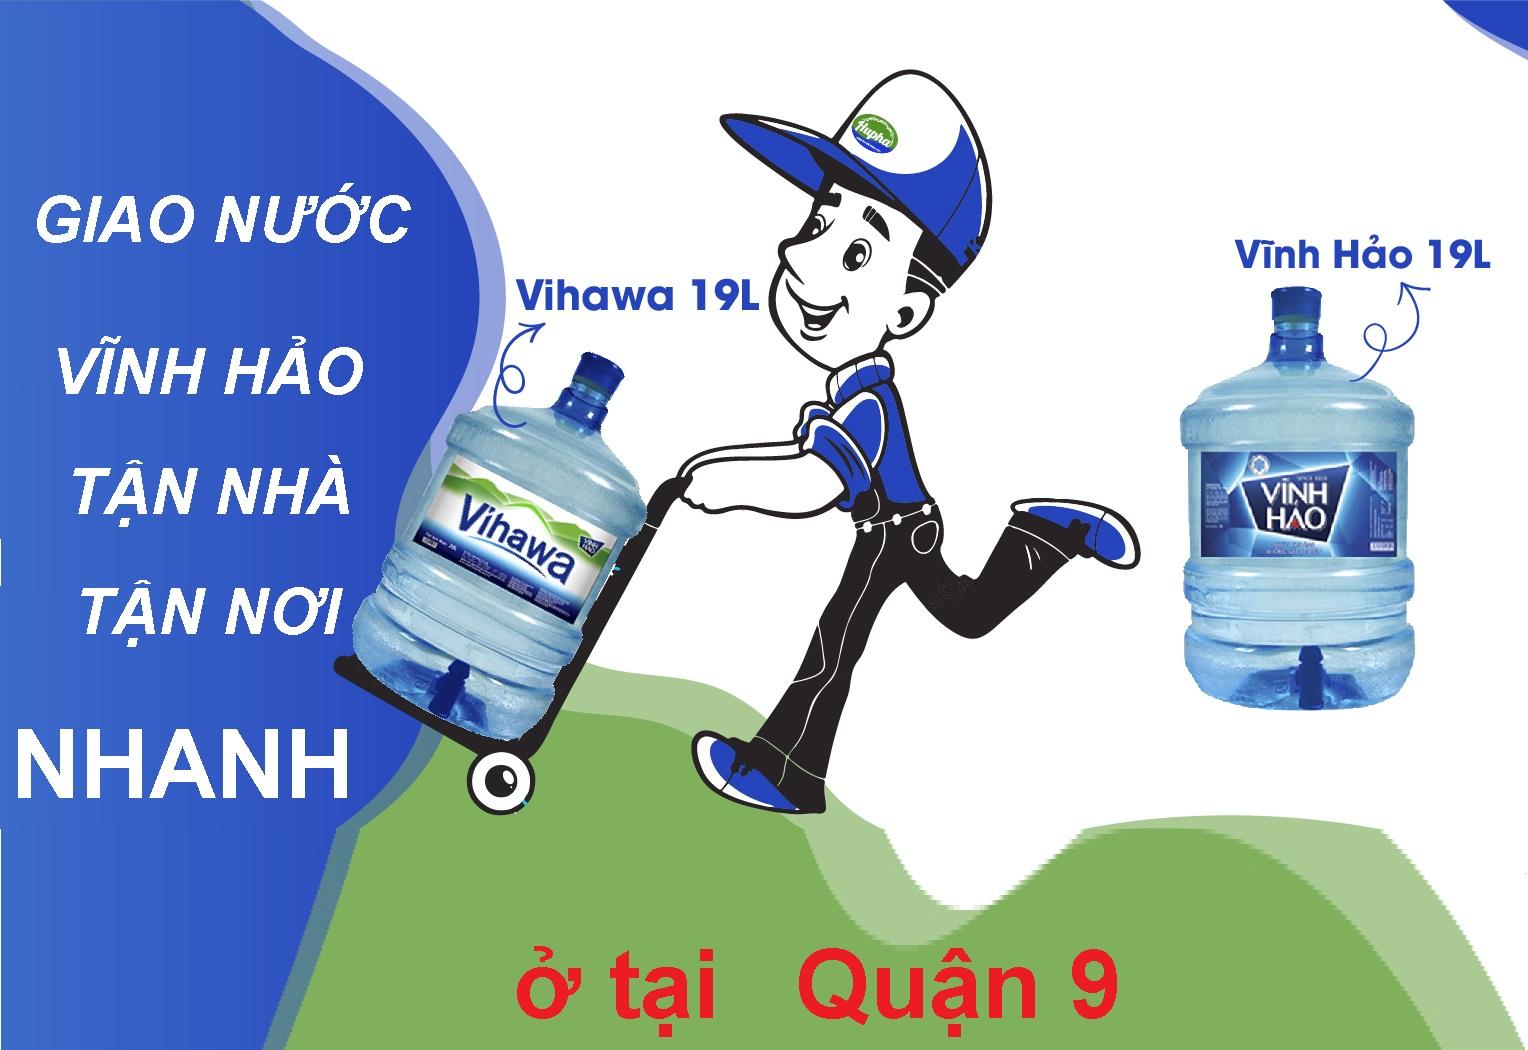 Giao nước Vĩnh Hảo tận nơi ở tại Quận 9- GIAO NUOC VINH HAO QUAN 9